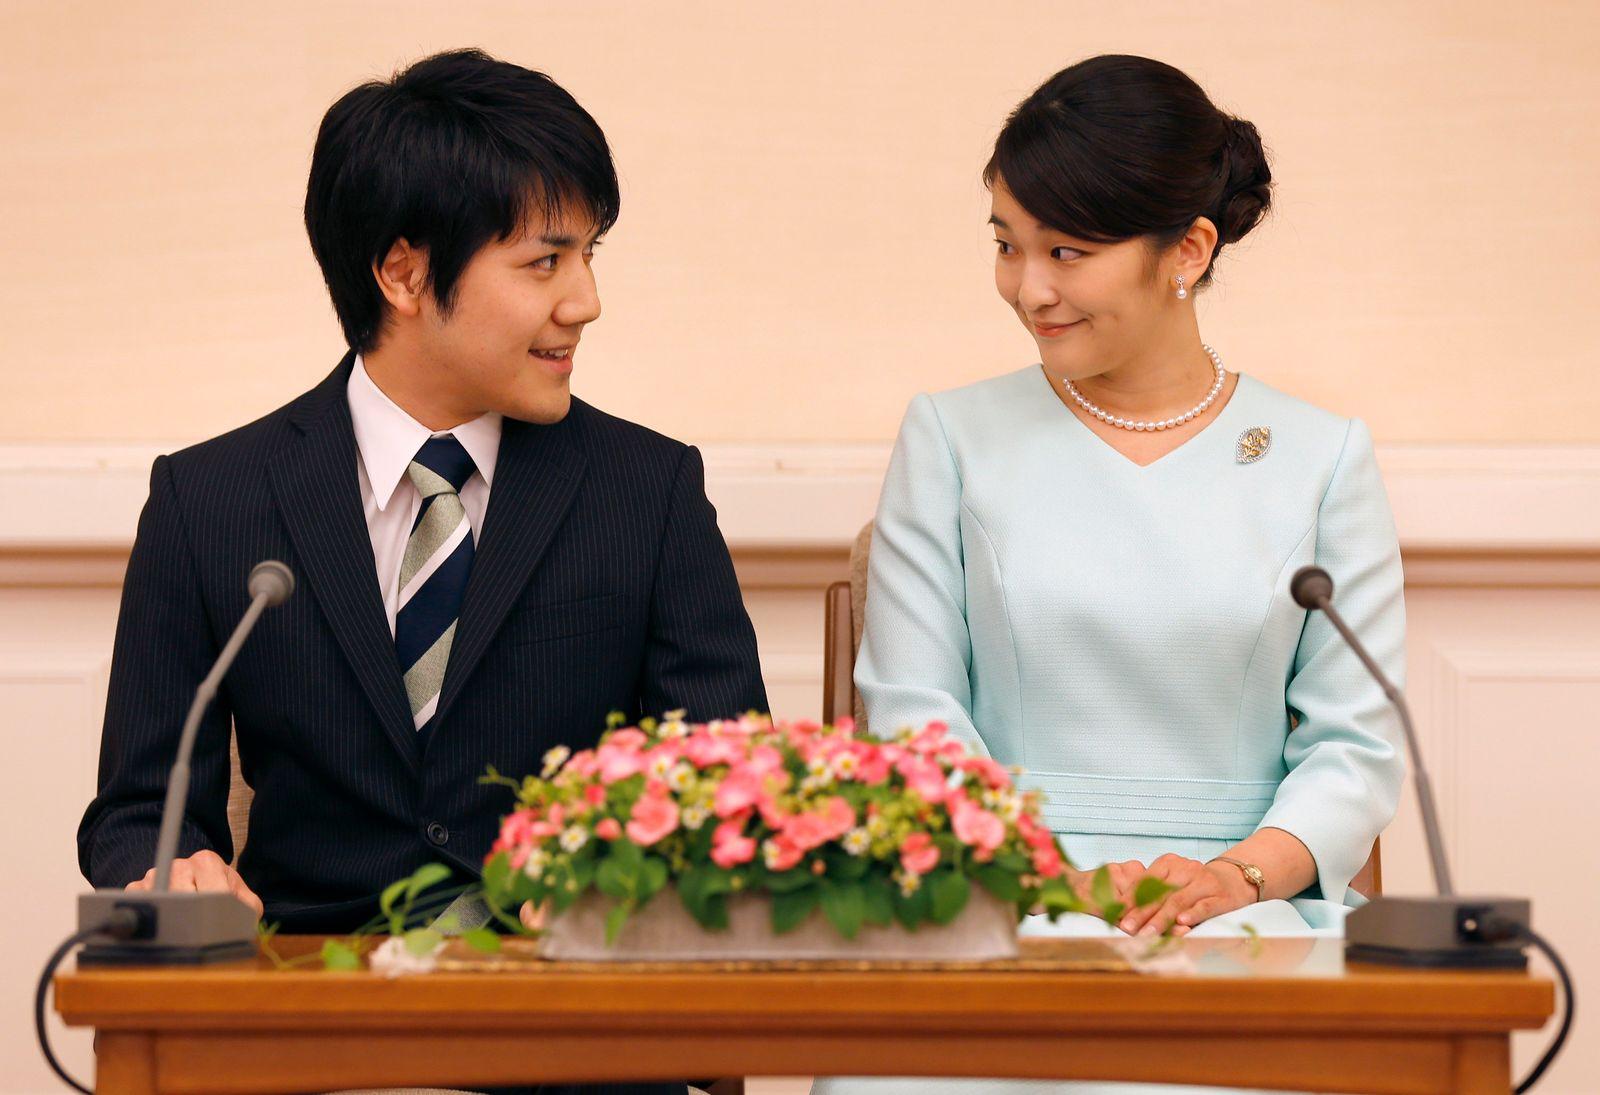 Japans Prinzessin Mako heiratet Studienliebe am 26. Oktober